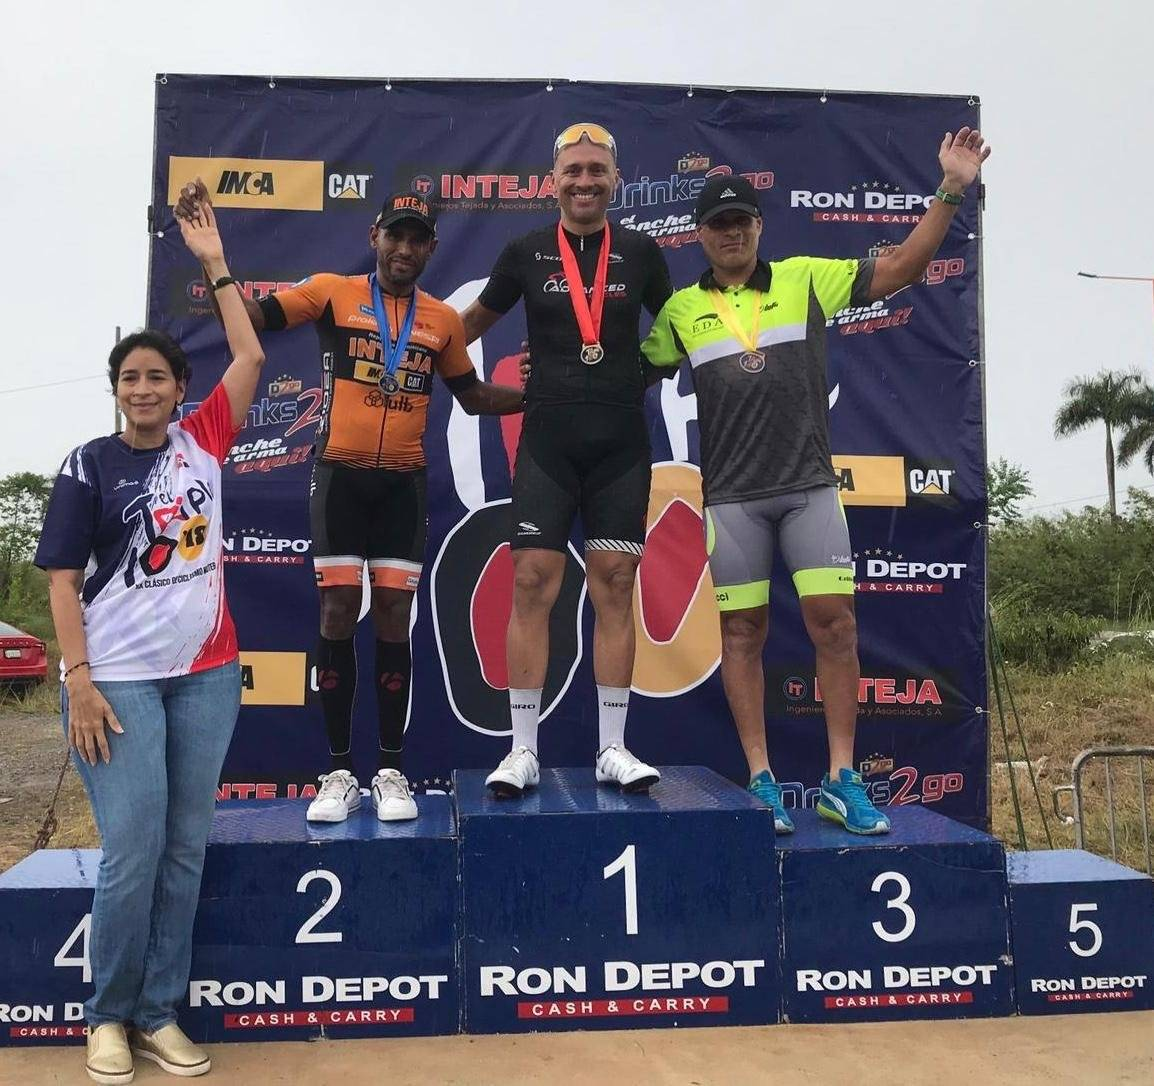 Foto: En el medio, Javier Oyola celebra su primer lugar en el segundo día de competencias/Suministrada